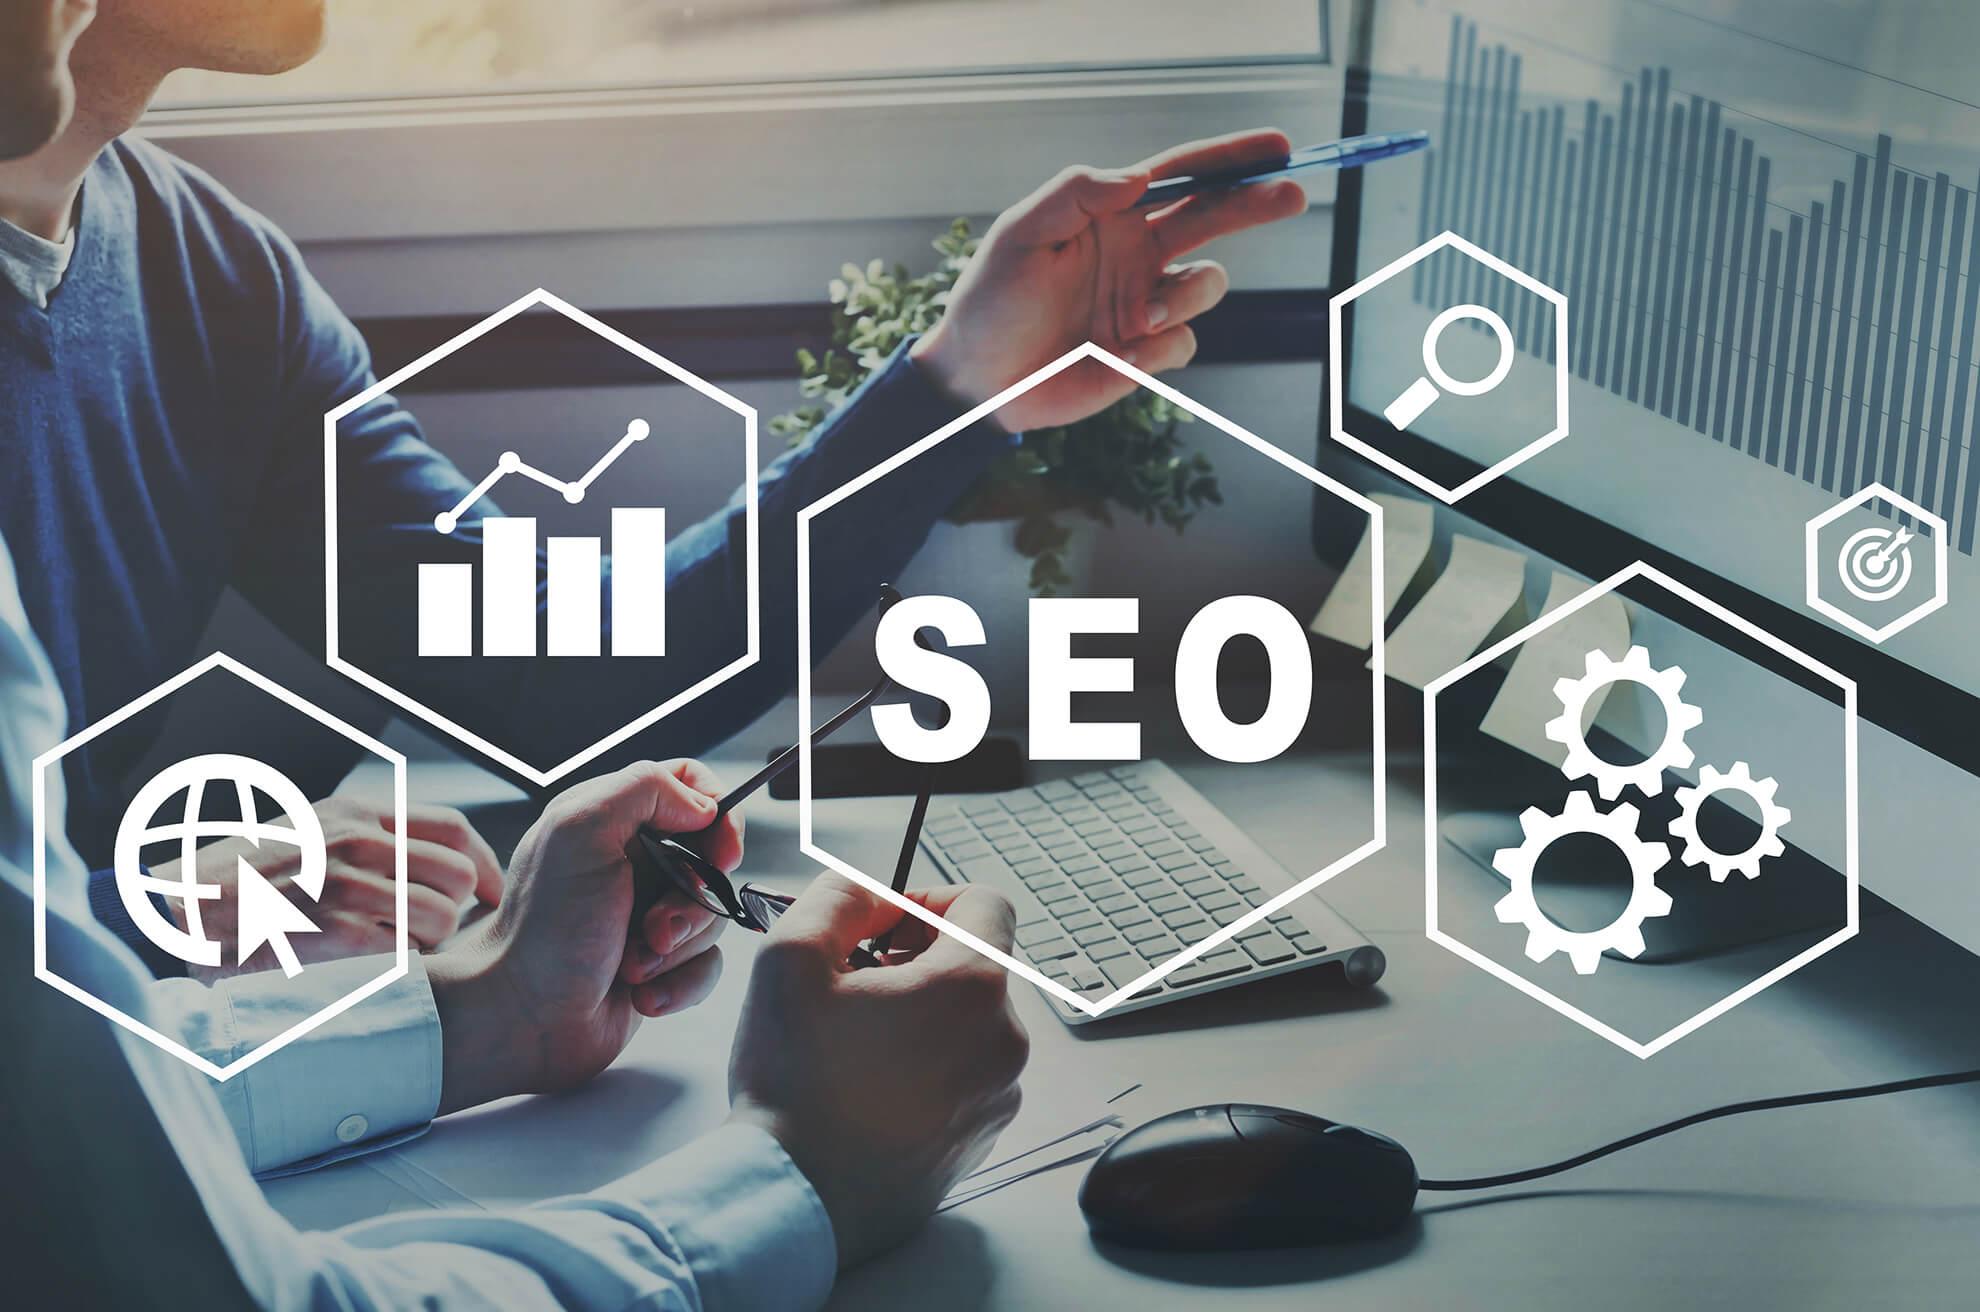 web_marketing検索順位が上がらない原因を徹底追求